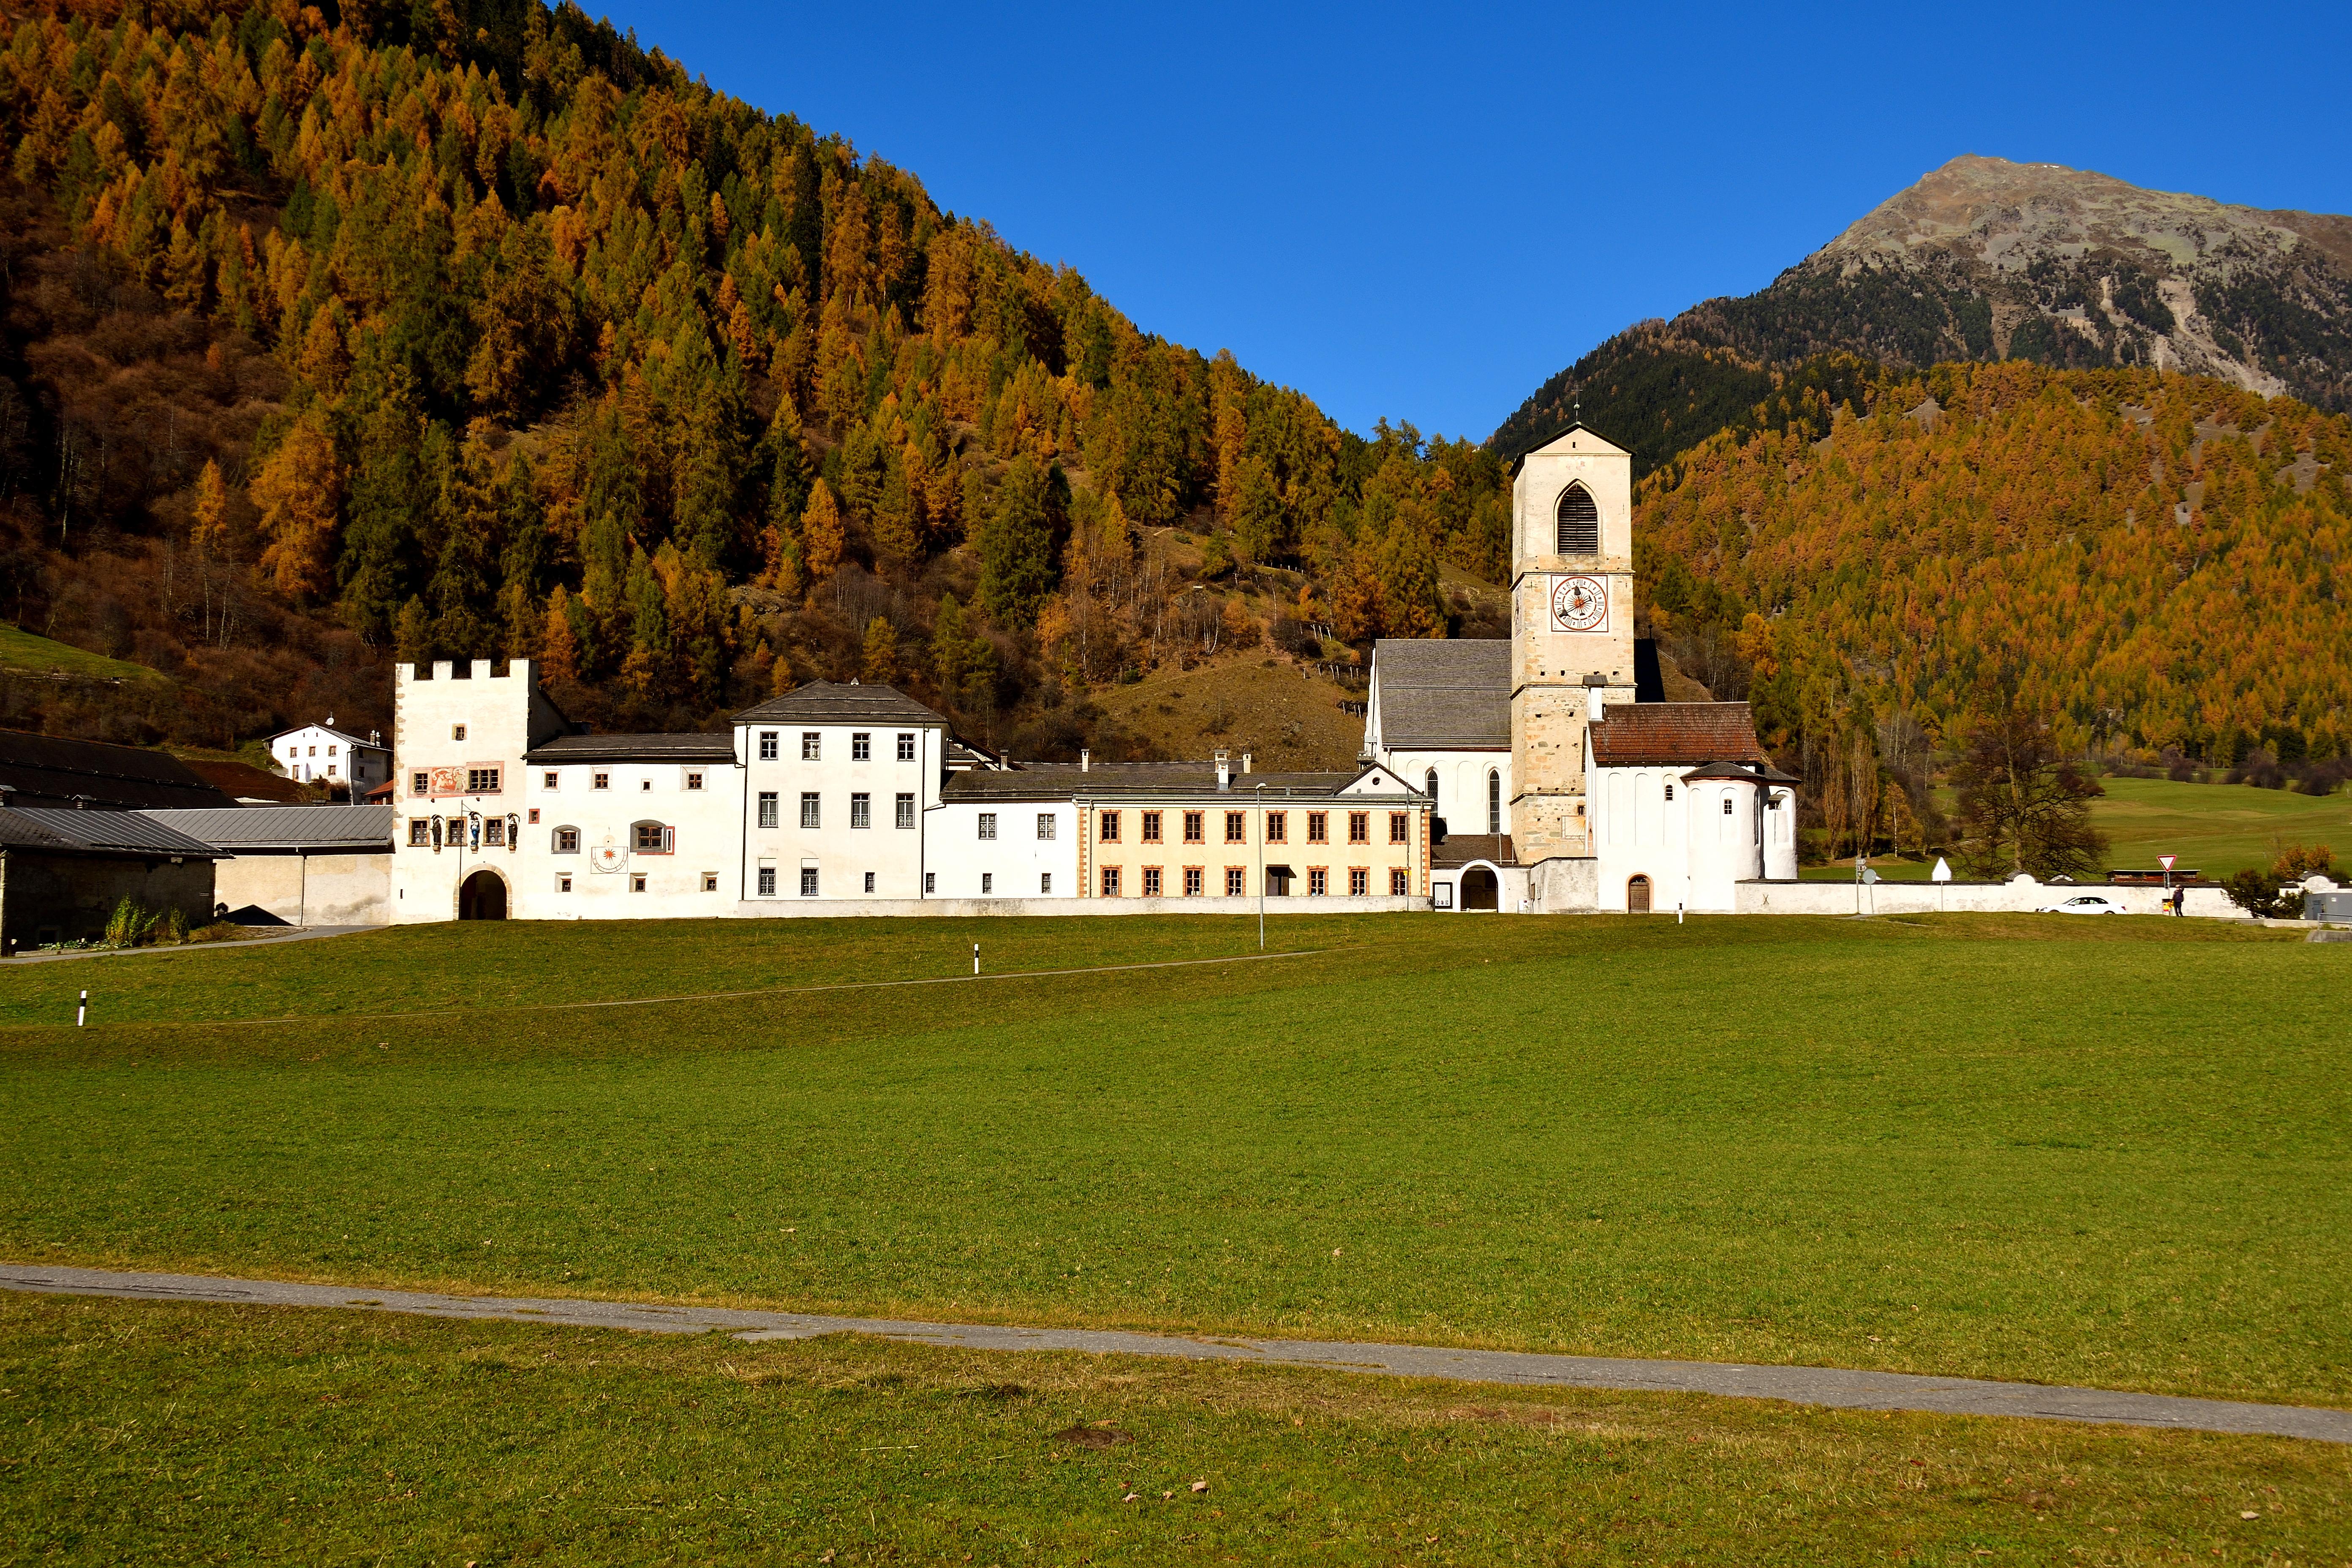 Kloster_St. Johann